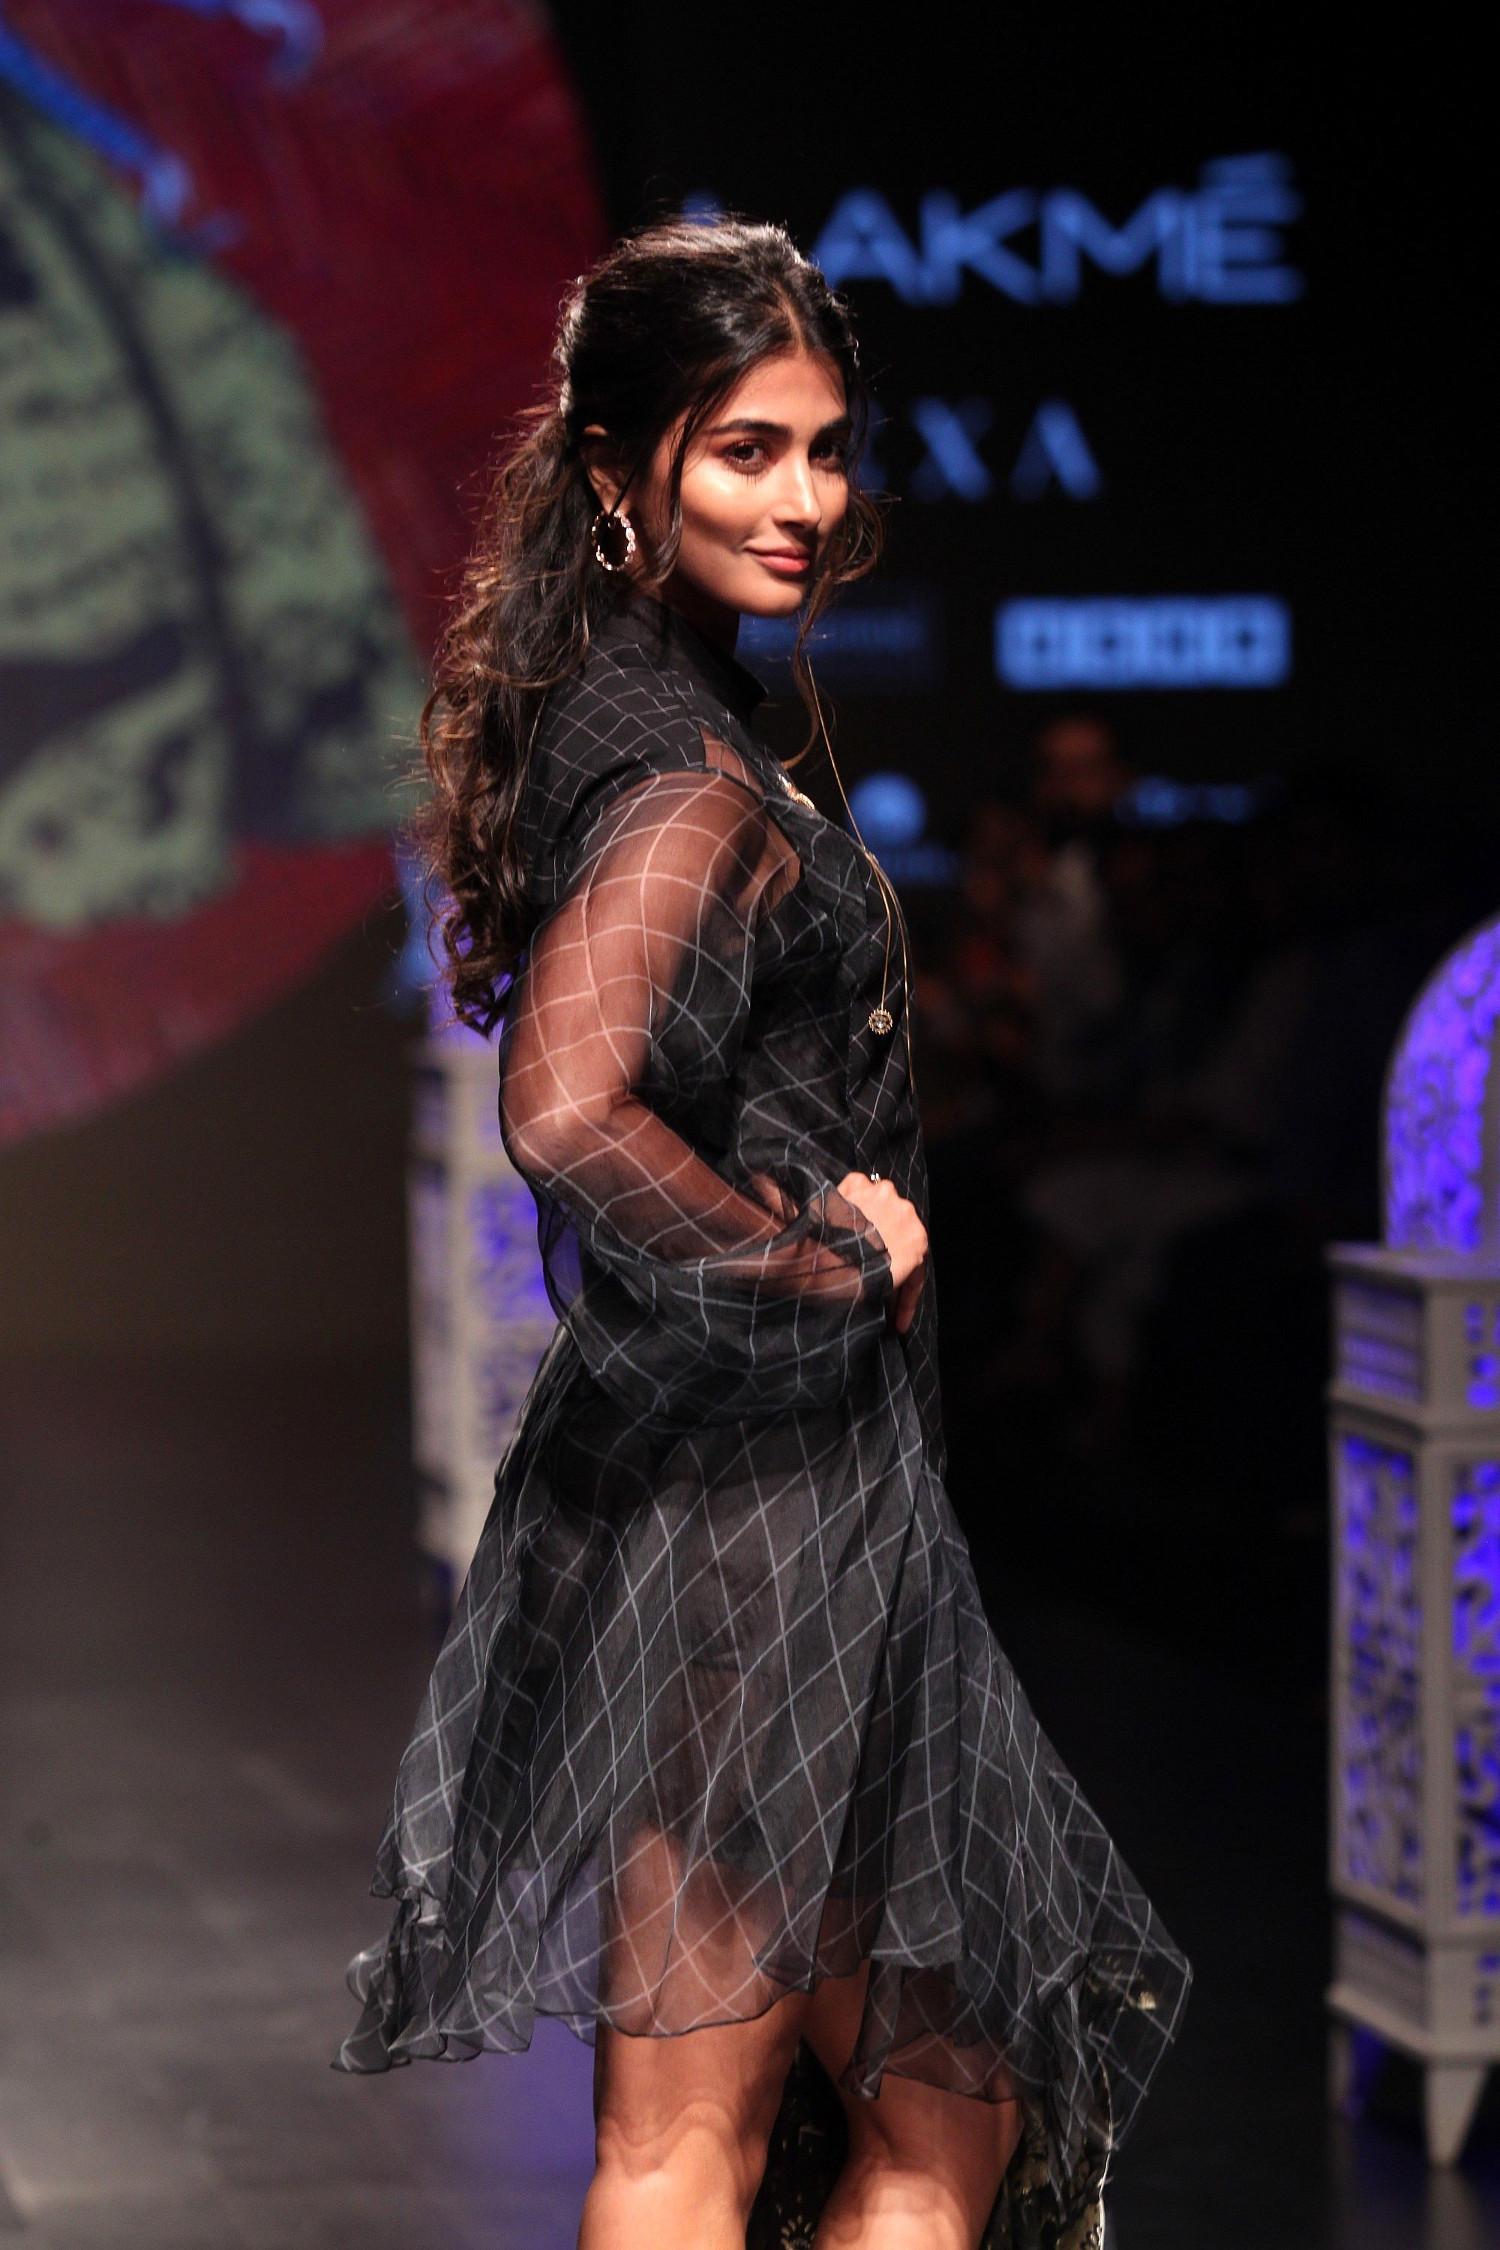 Tamil Actress Pooja Hegde Walks Ramp @ Lakme Fashion Week 2019 Day 4